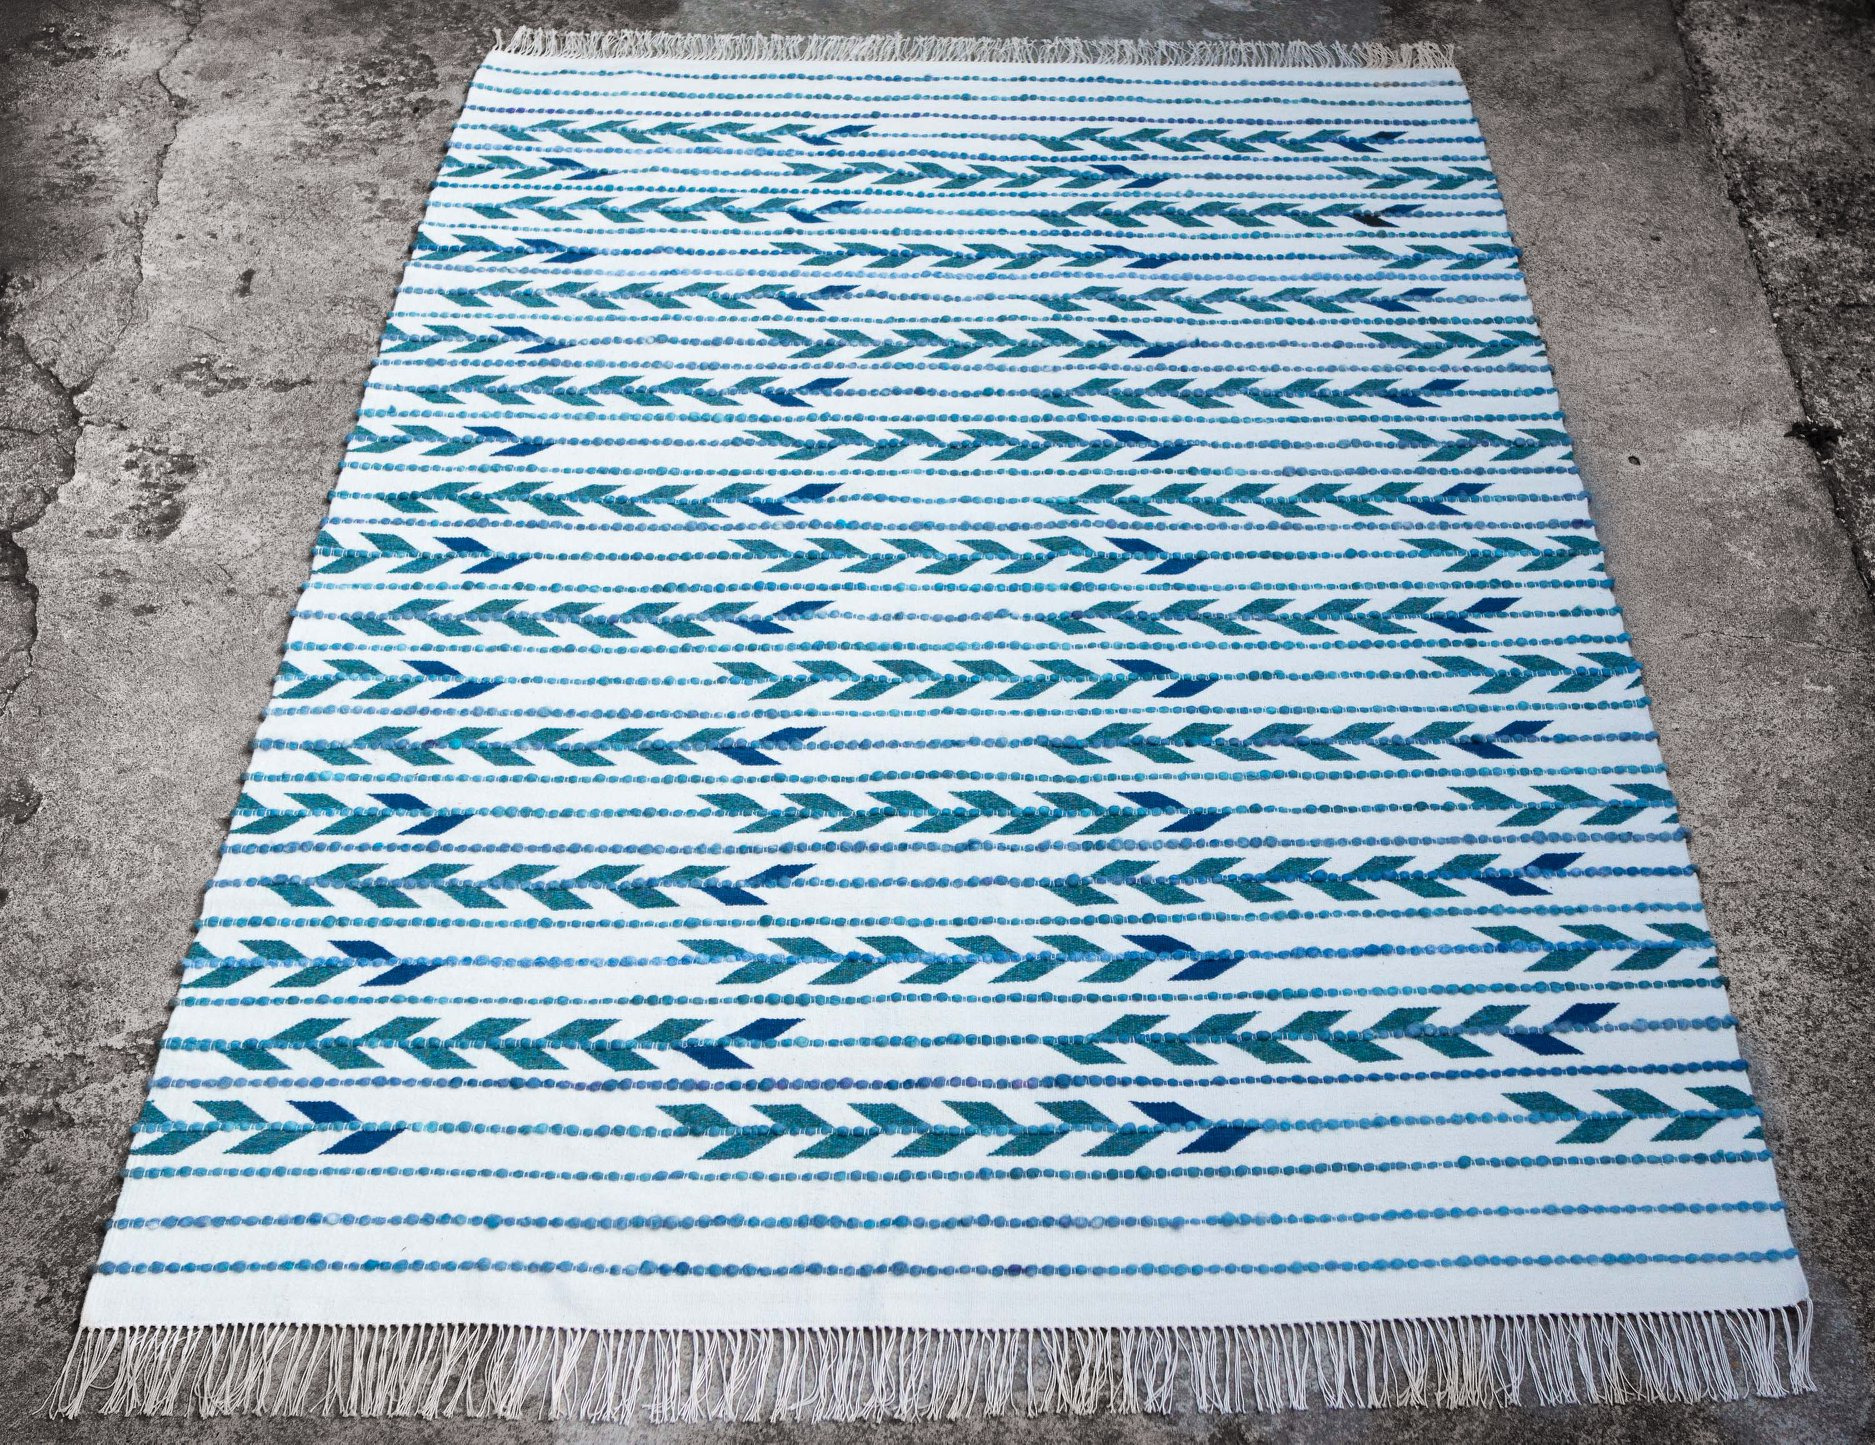 Timim hagyományos technikával, szövőszéken szövött színes gyapjúszőnyegeket készít magfonalas díszítősorral, egymással harmonizáló kék, zöld és lila színek játékával. Csodás!<br />timim.meska.hu